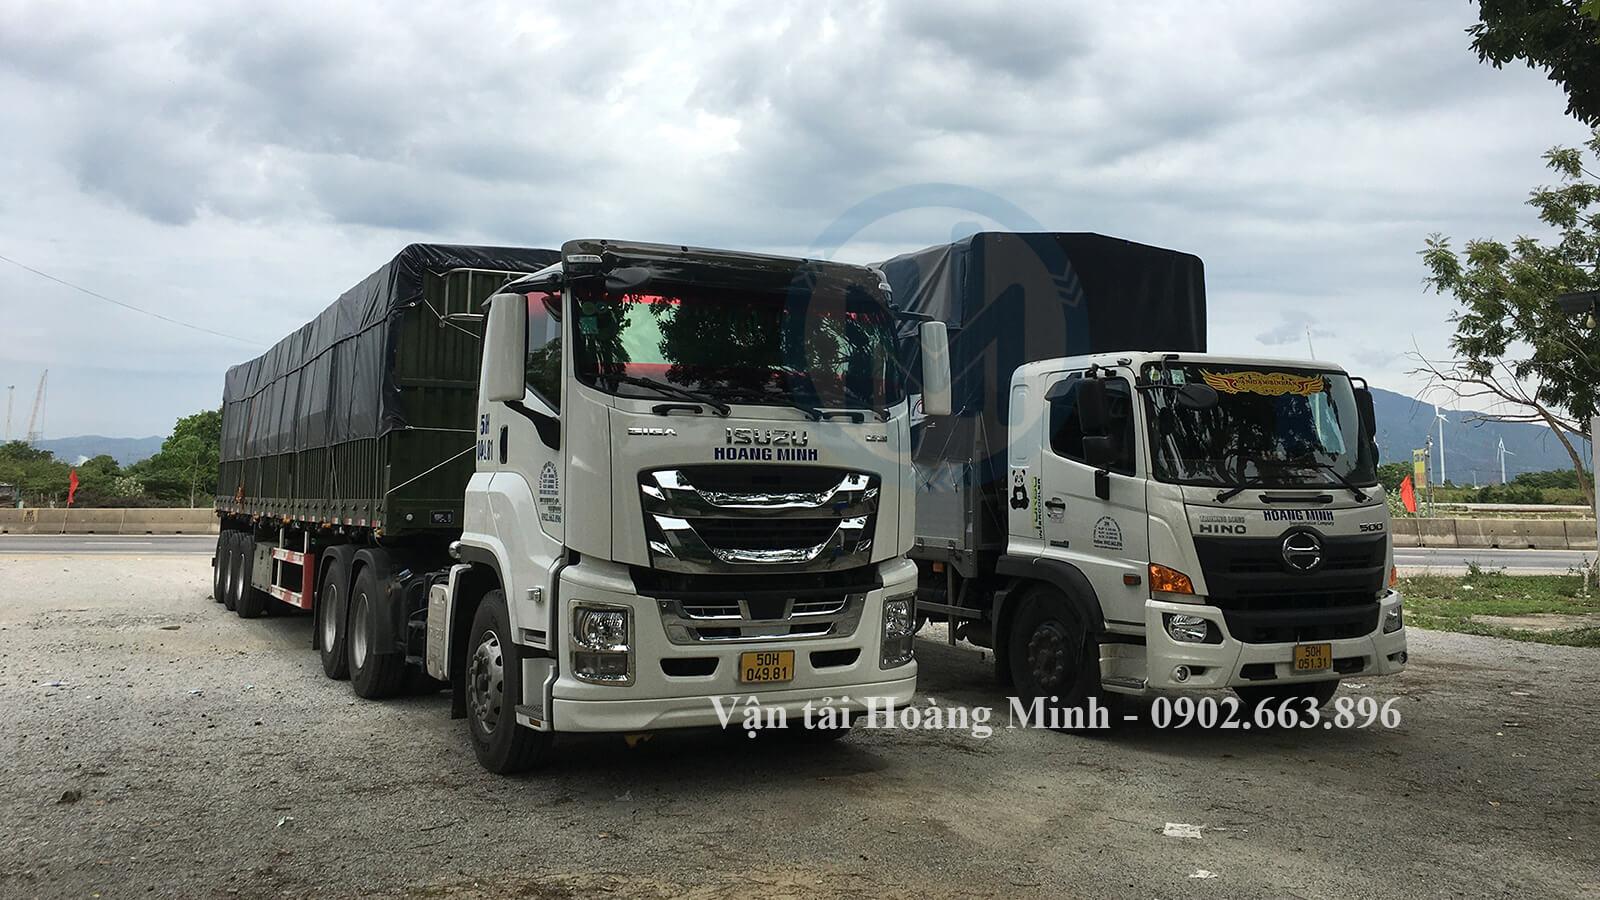 đội ngũ vận chuyển hàng hoá nội thành tphcm chuyên nghiệp